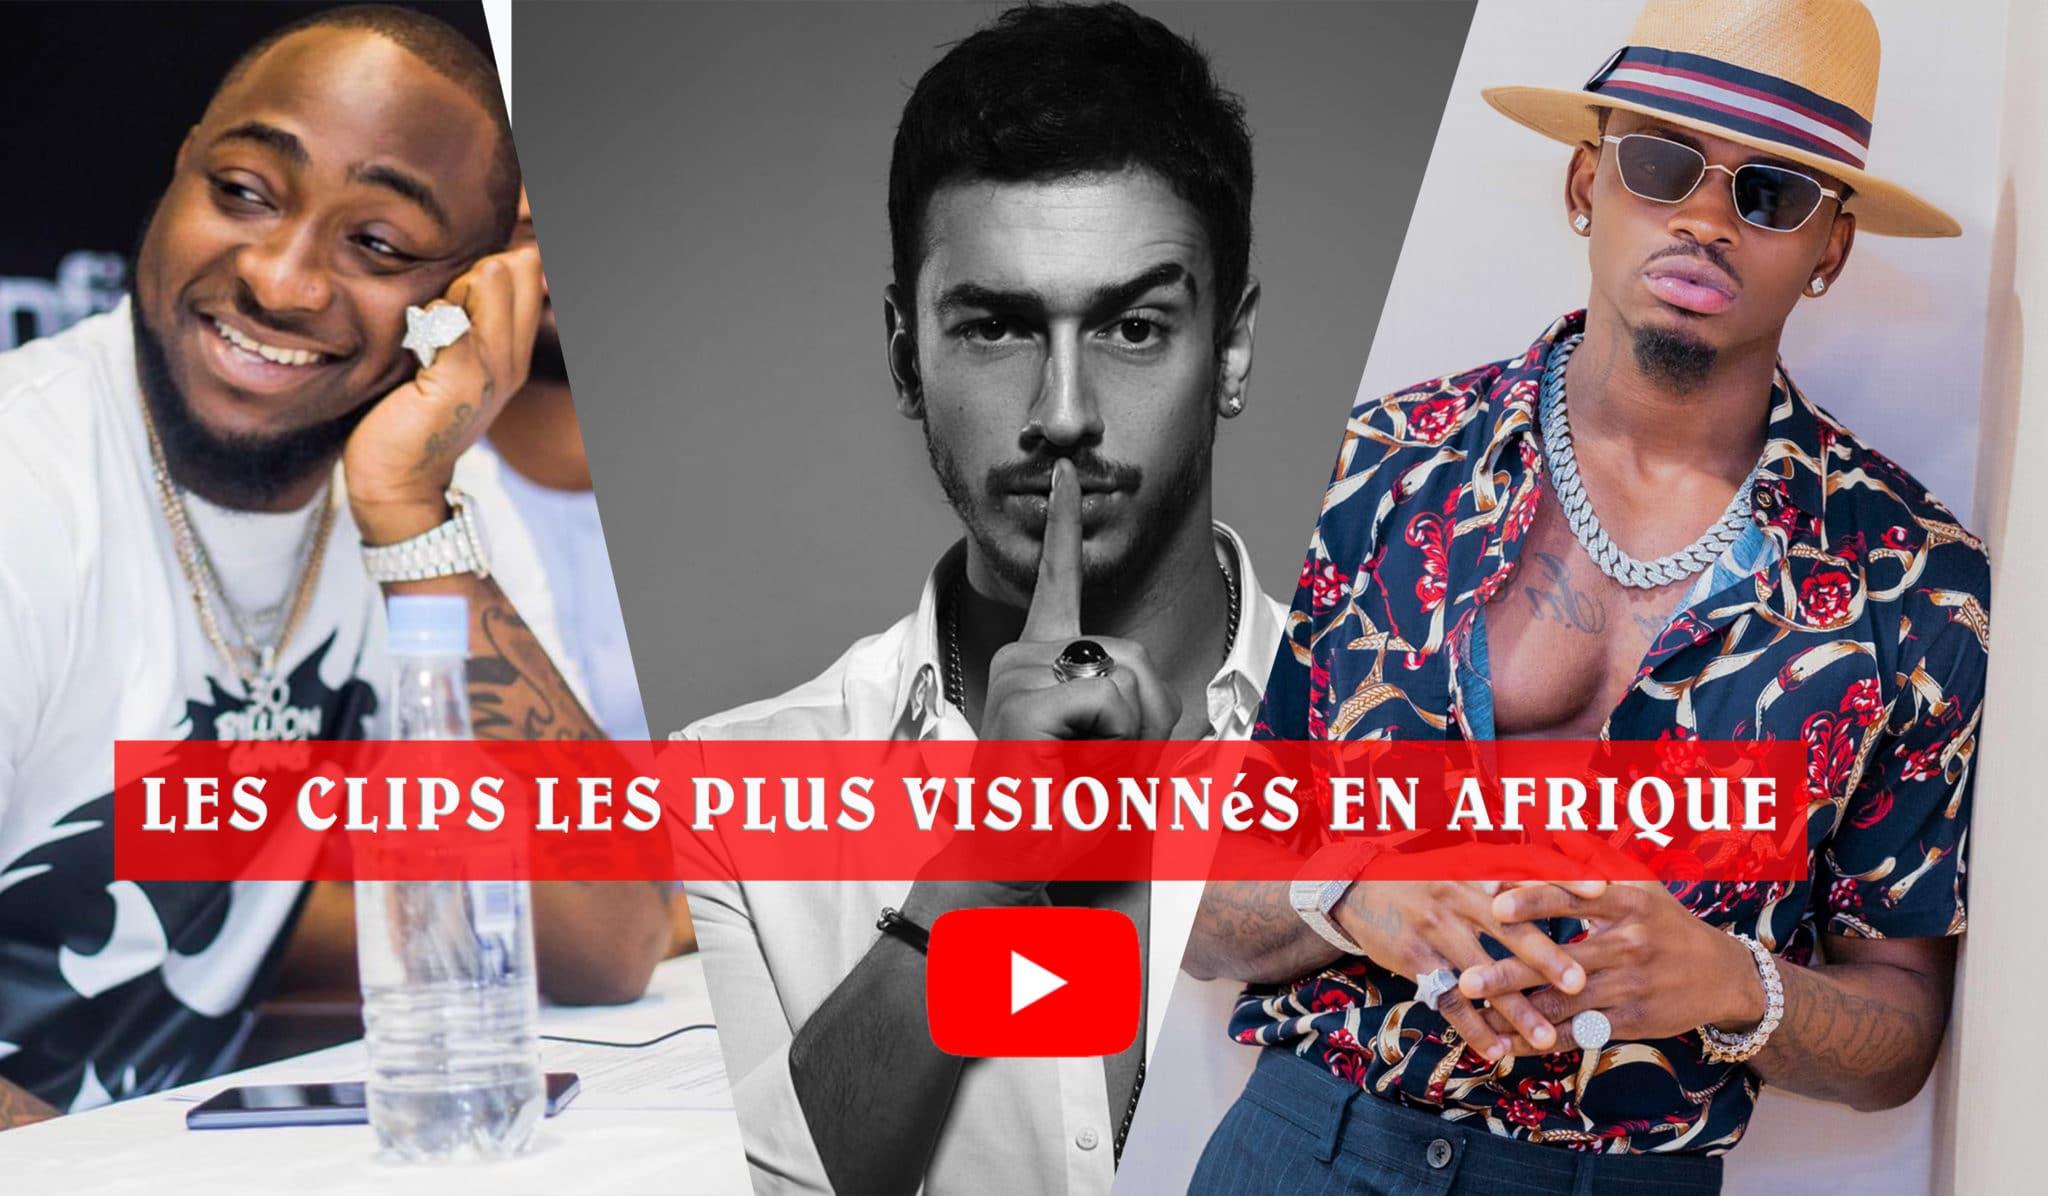 Classement des meilleurs clips africains sur youtube